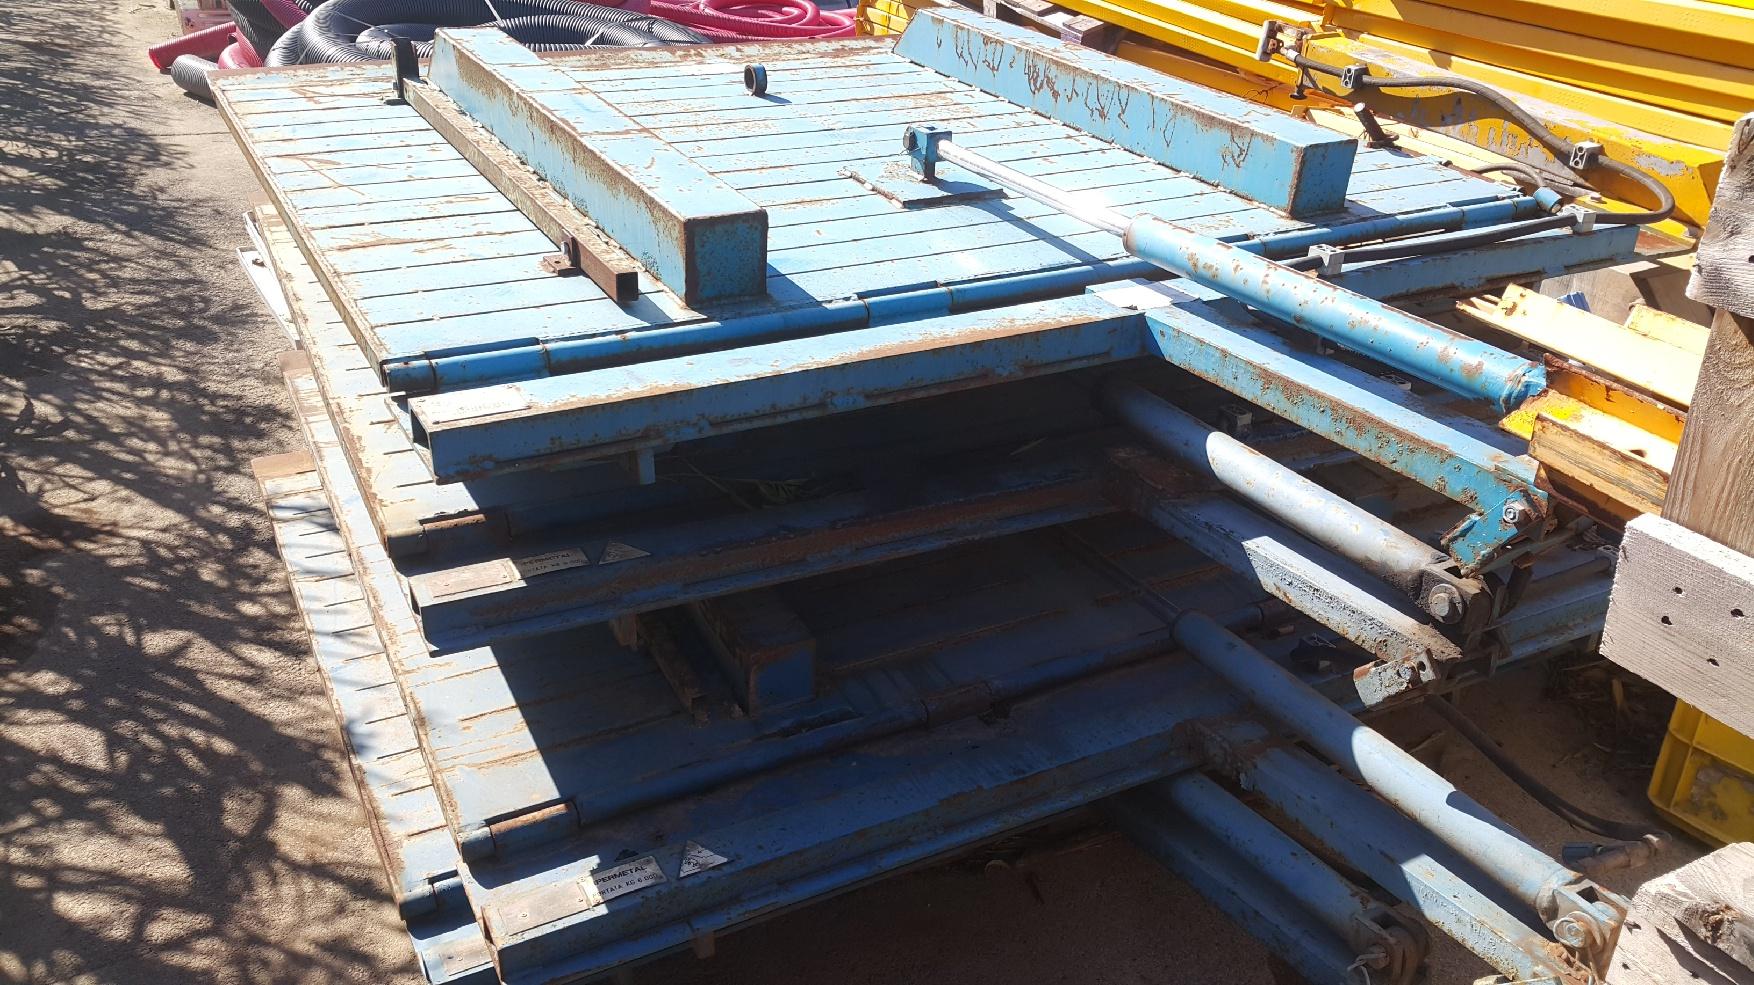 Rampe di carico complete di impianto idraulico in vendita - foto 2